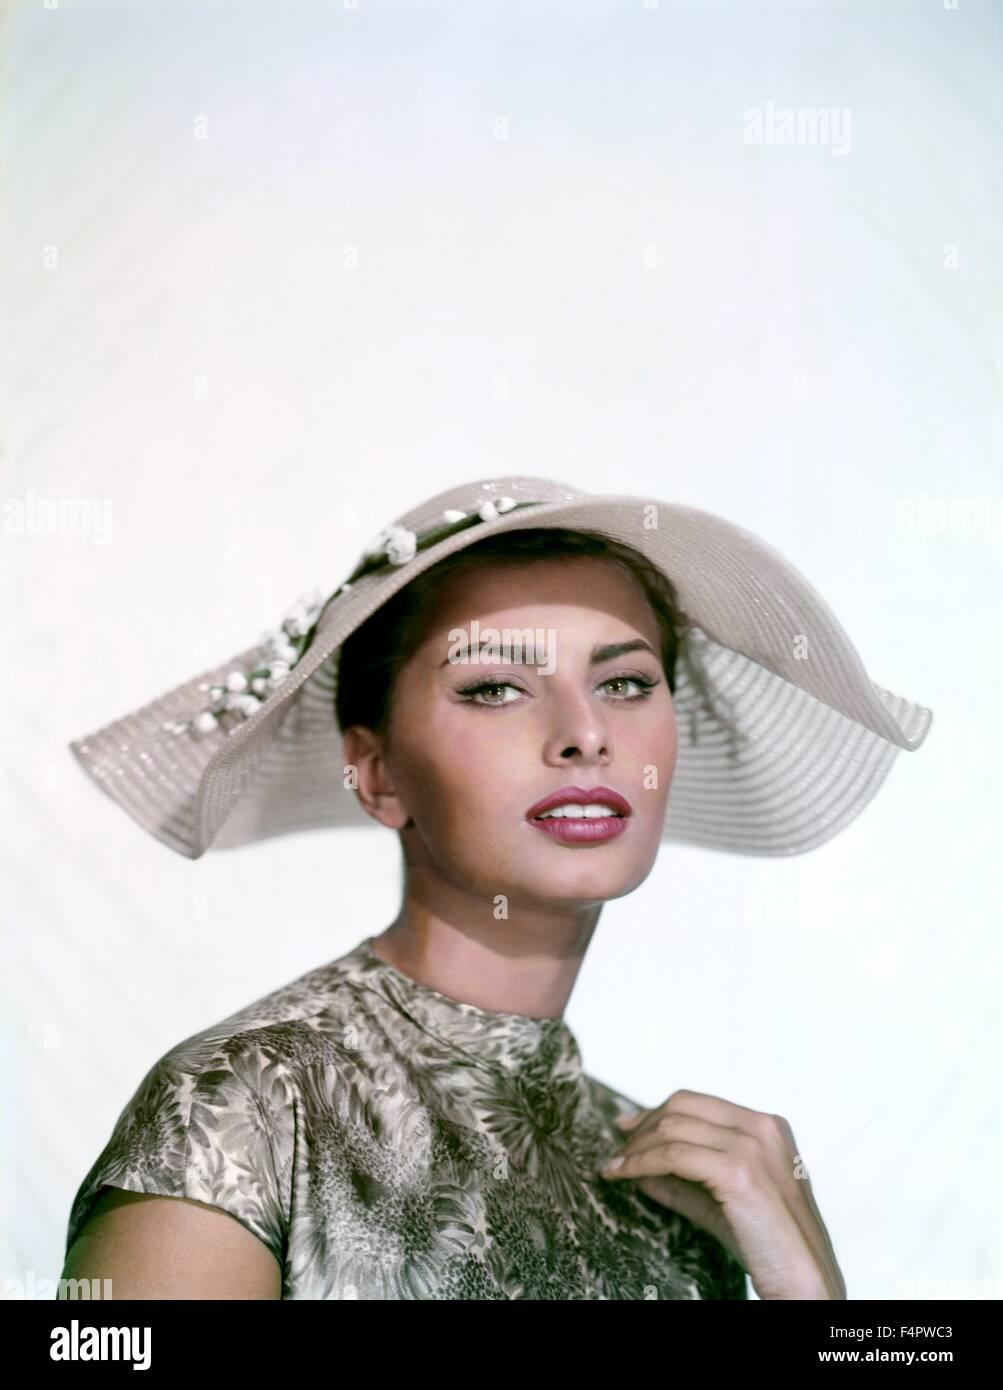 Sophia Loren 1958 [Columbia Pictures] - Stock Image